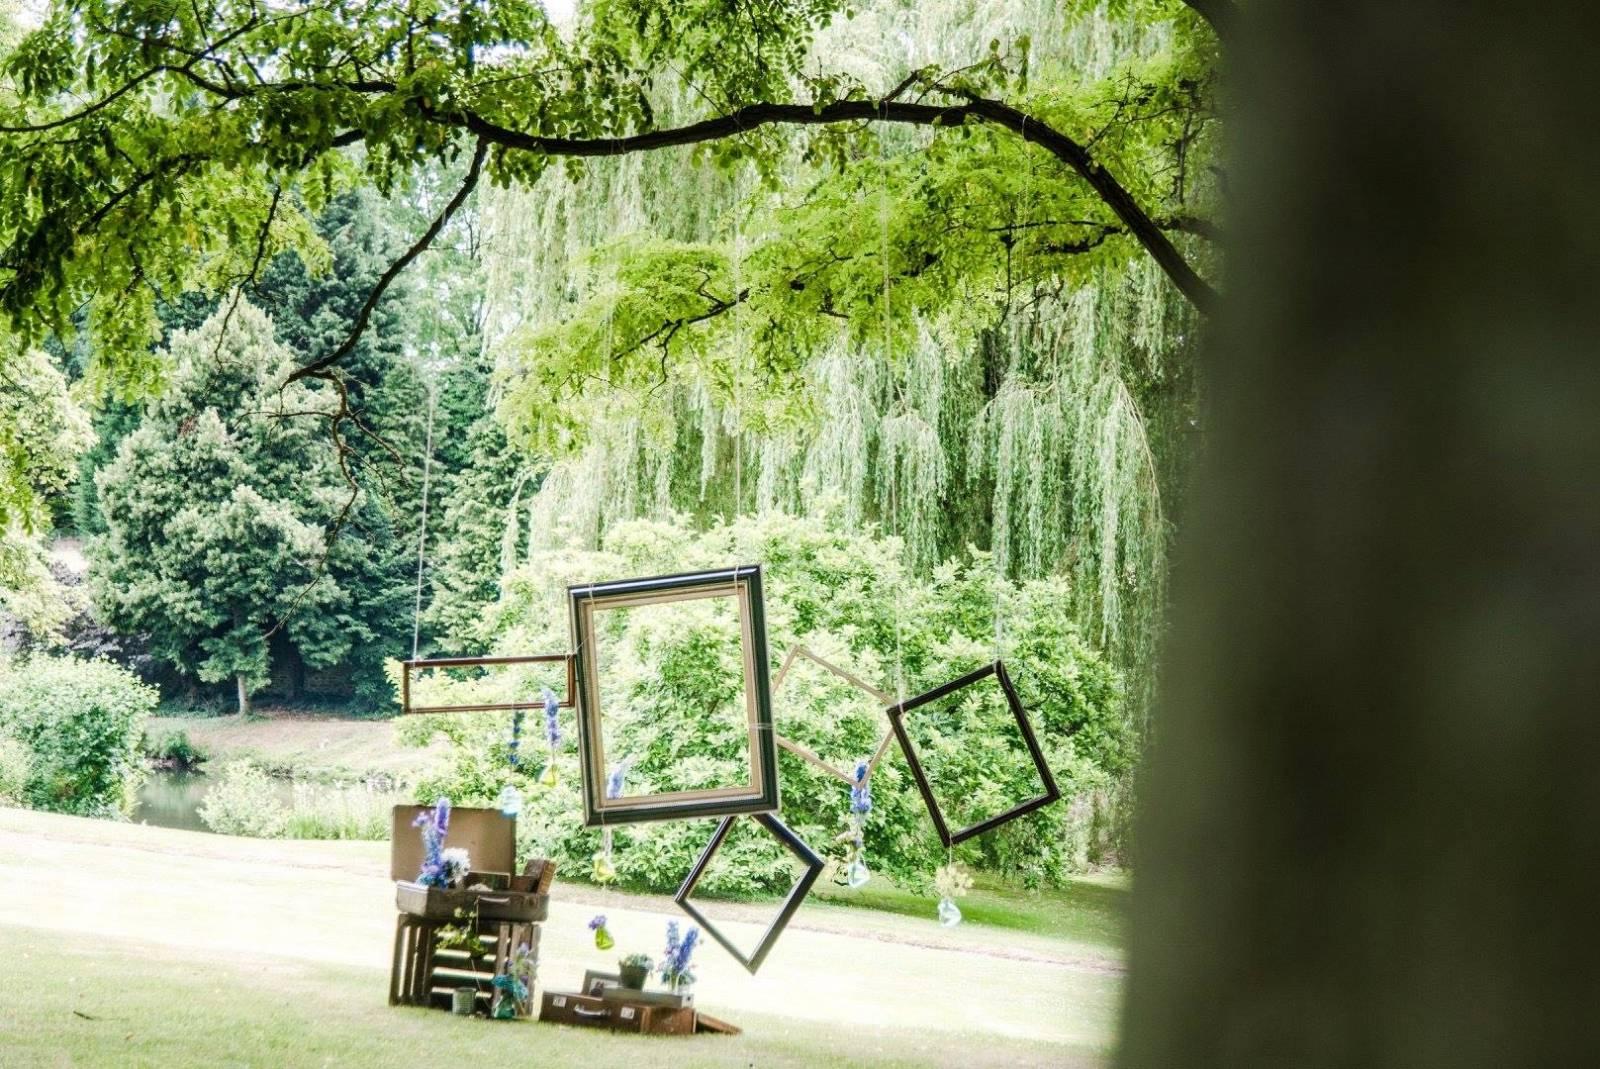 Floral Artists - Bloemen huwelijk trouw bruiloft - Bruidsboeket - Bloemendecoratie - House of Weddings - 7